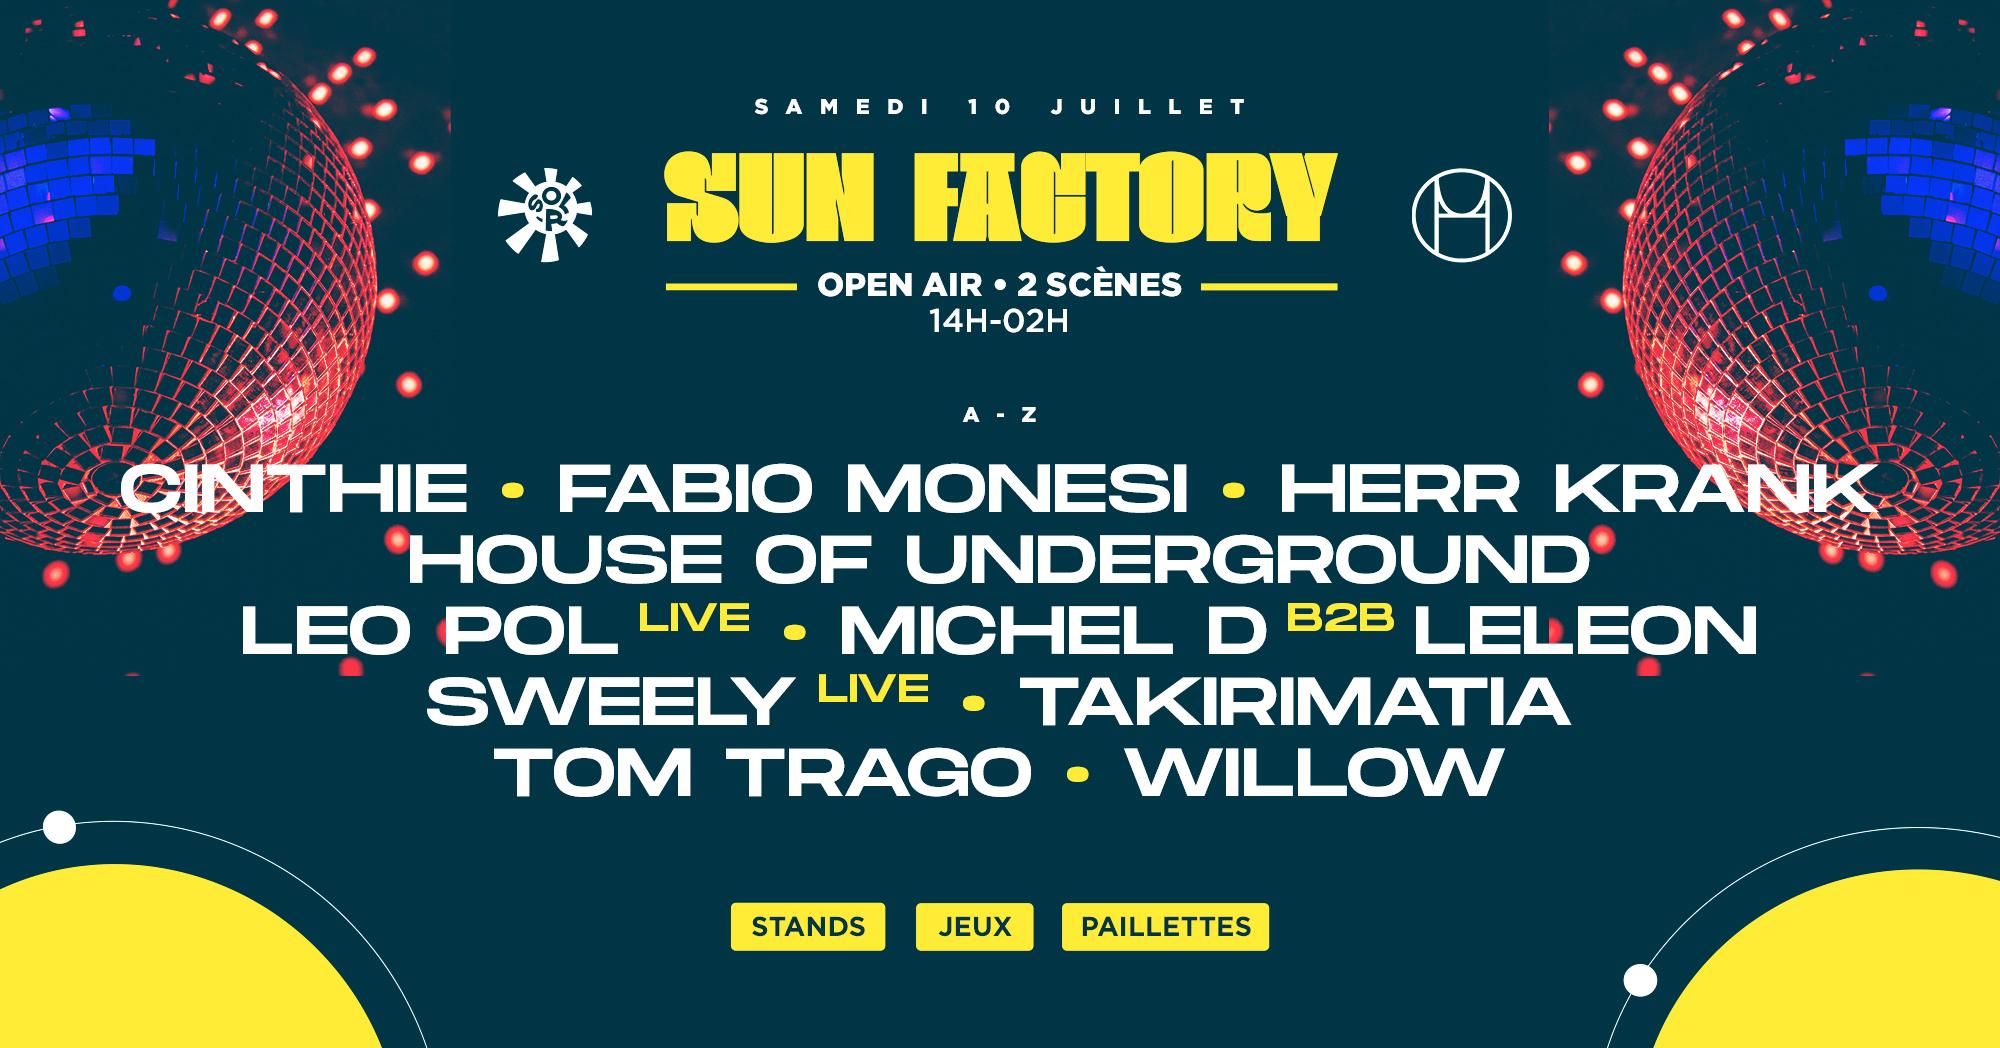 SUN FACTORY : Tom Trago, Cinthie & more..